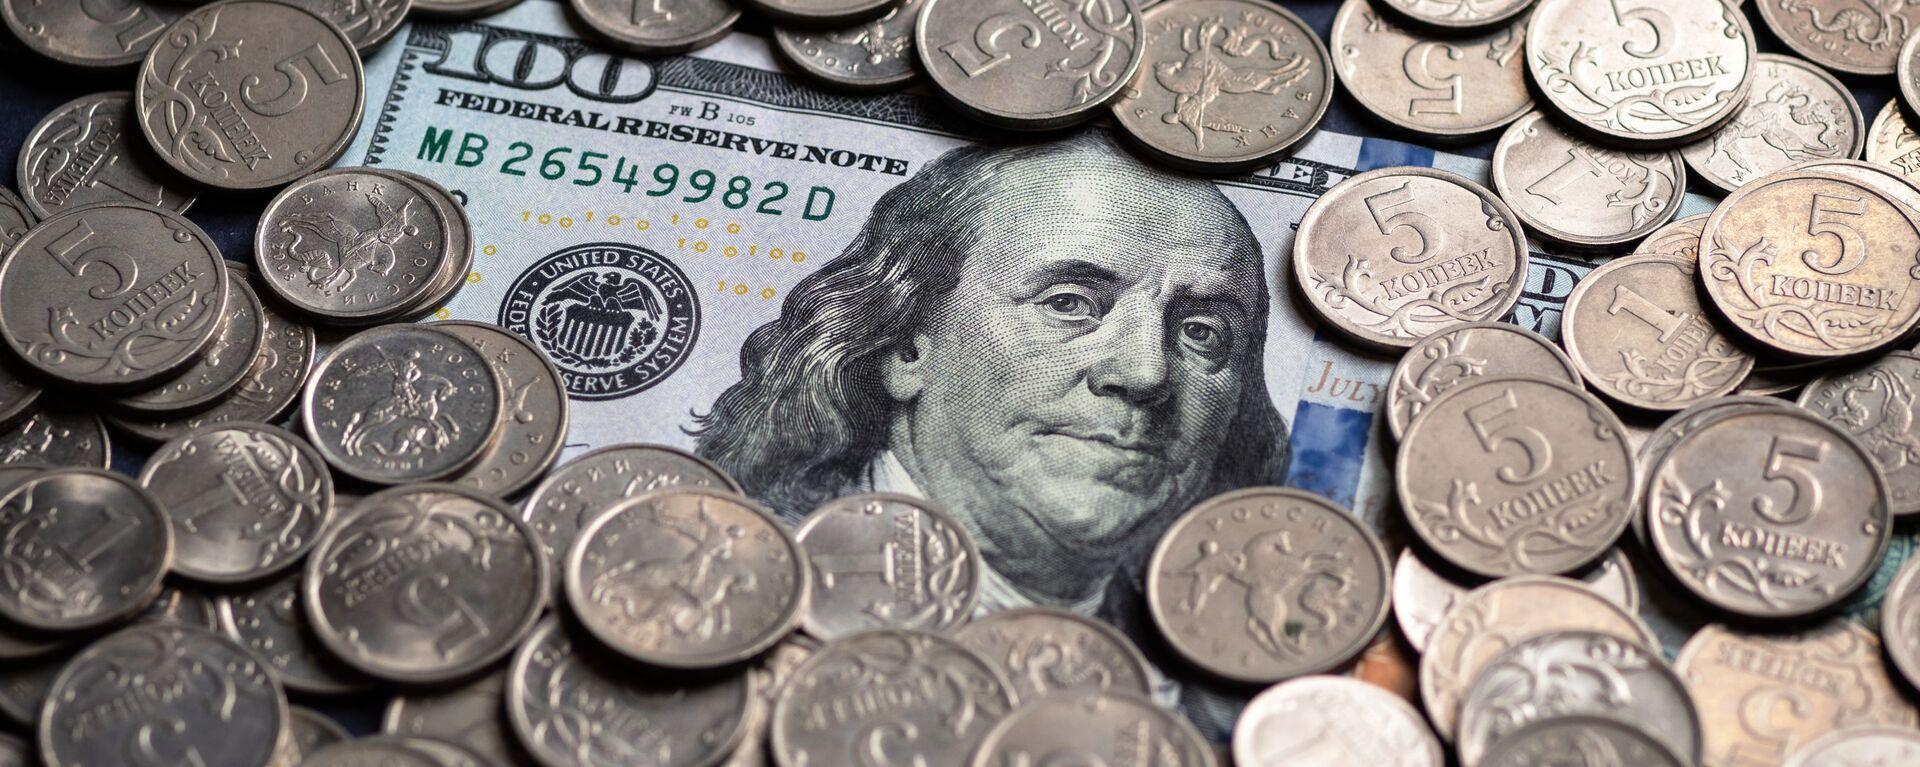 Un billete de cien dólares estadounidenses y monedas de cinco kópeks rusos - Sputnik Mundo, 1920, 23.05.2020